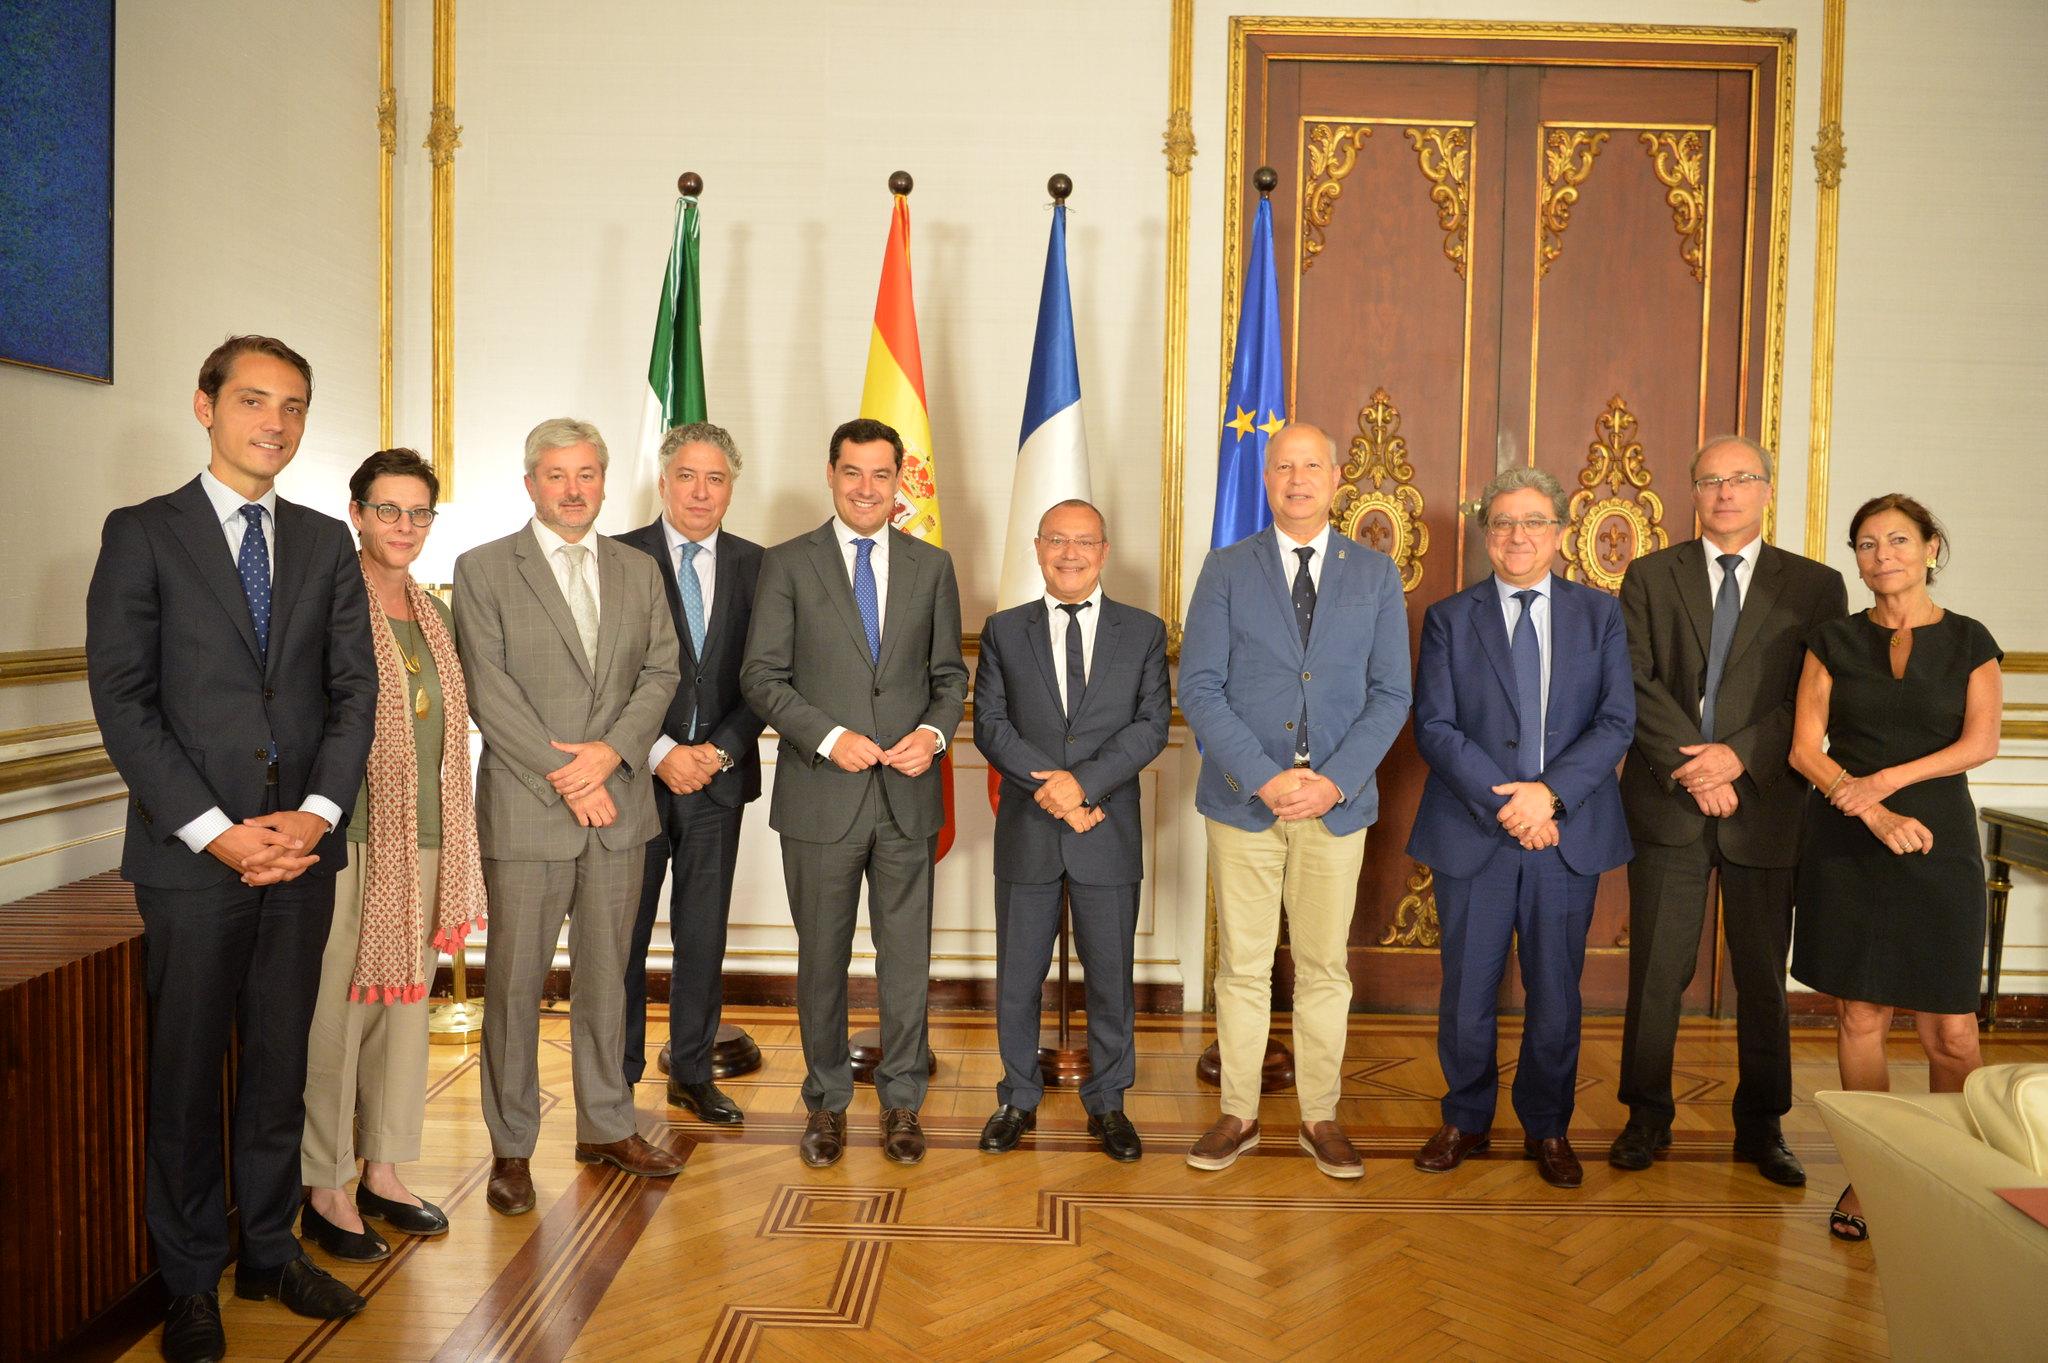 2019-06-26. Junta de Andalucía. El presidente Moreno recibe al embajador de Francia Jean-Michel Casa